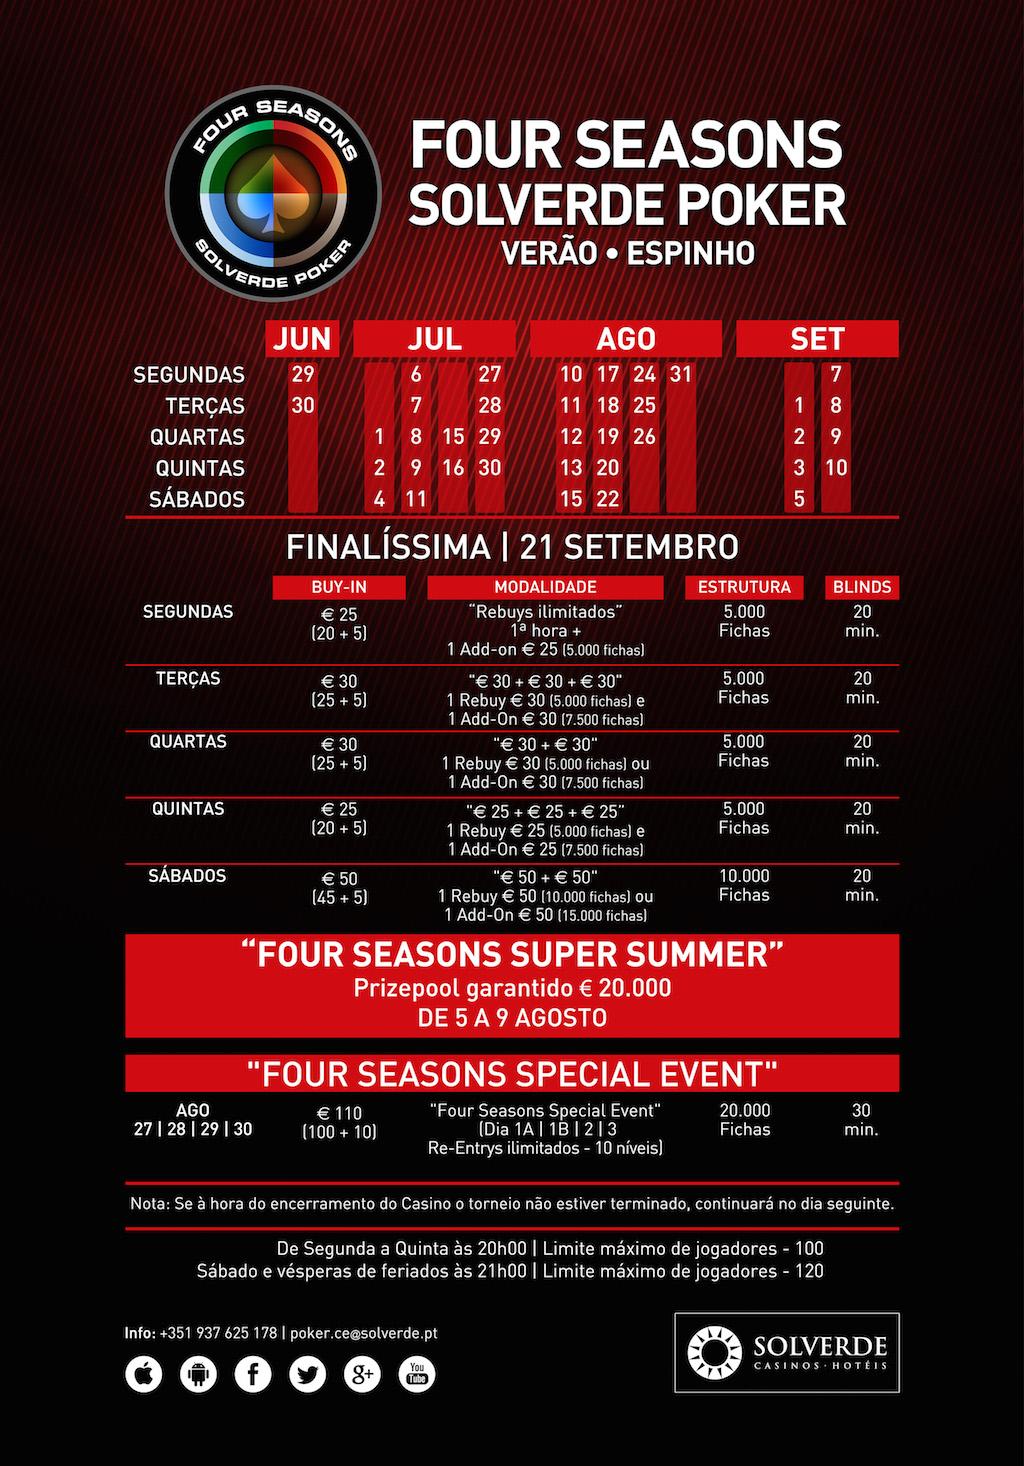 Hoje e Amanhã Jogam-se Torneios Four Seasons Solverde Poker Verão em Espinho 101